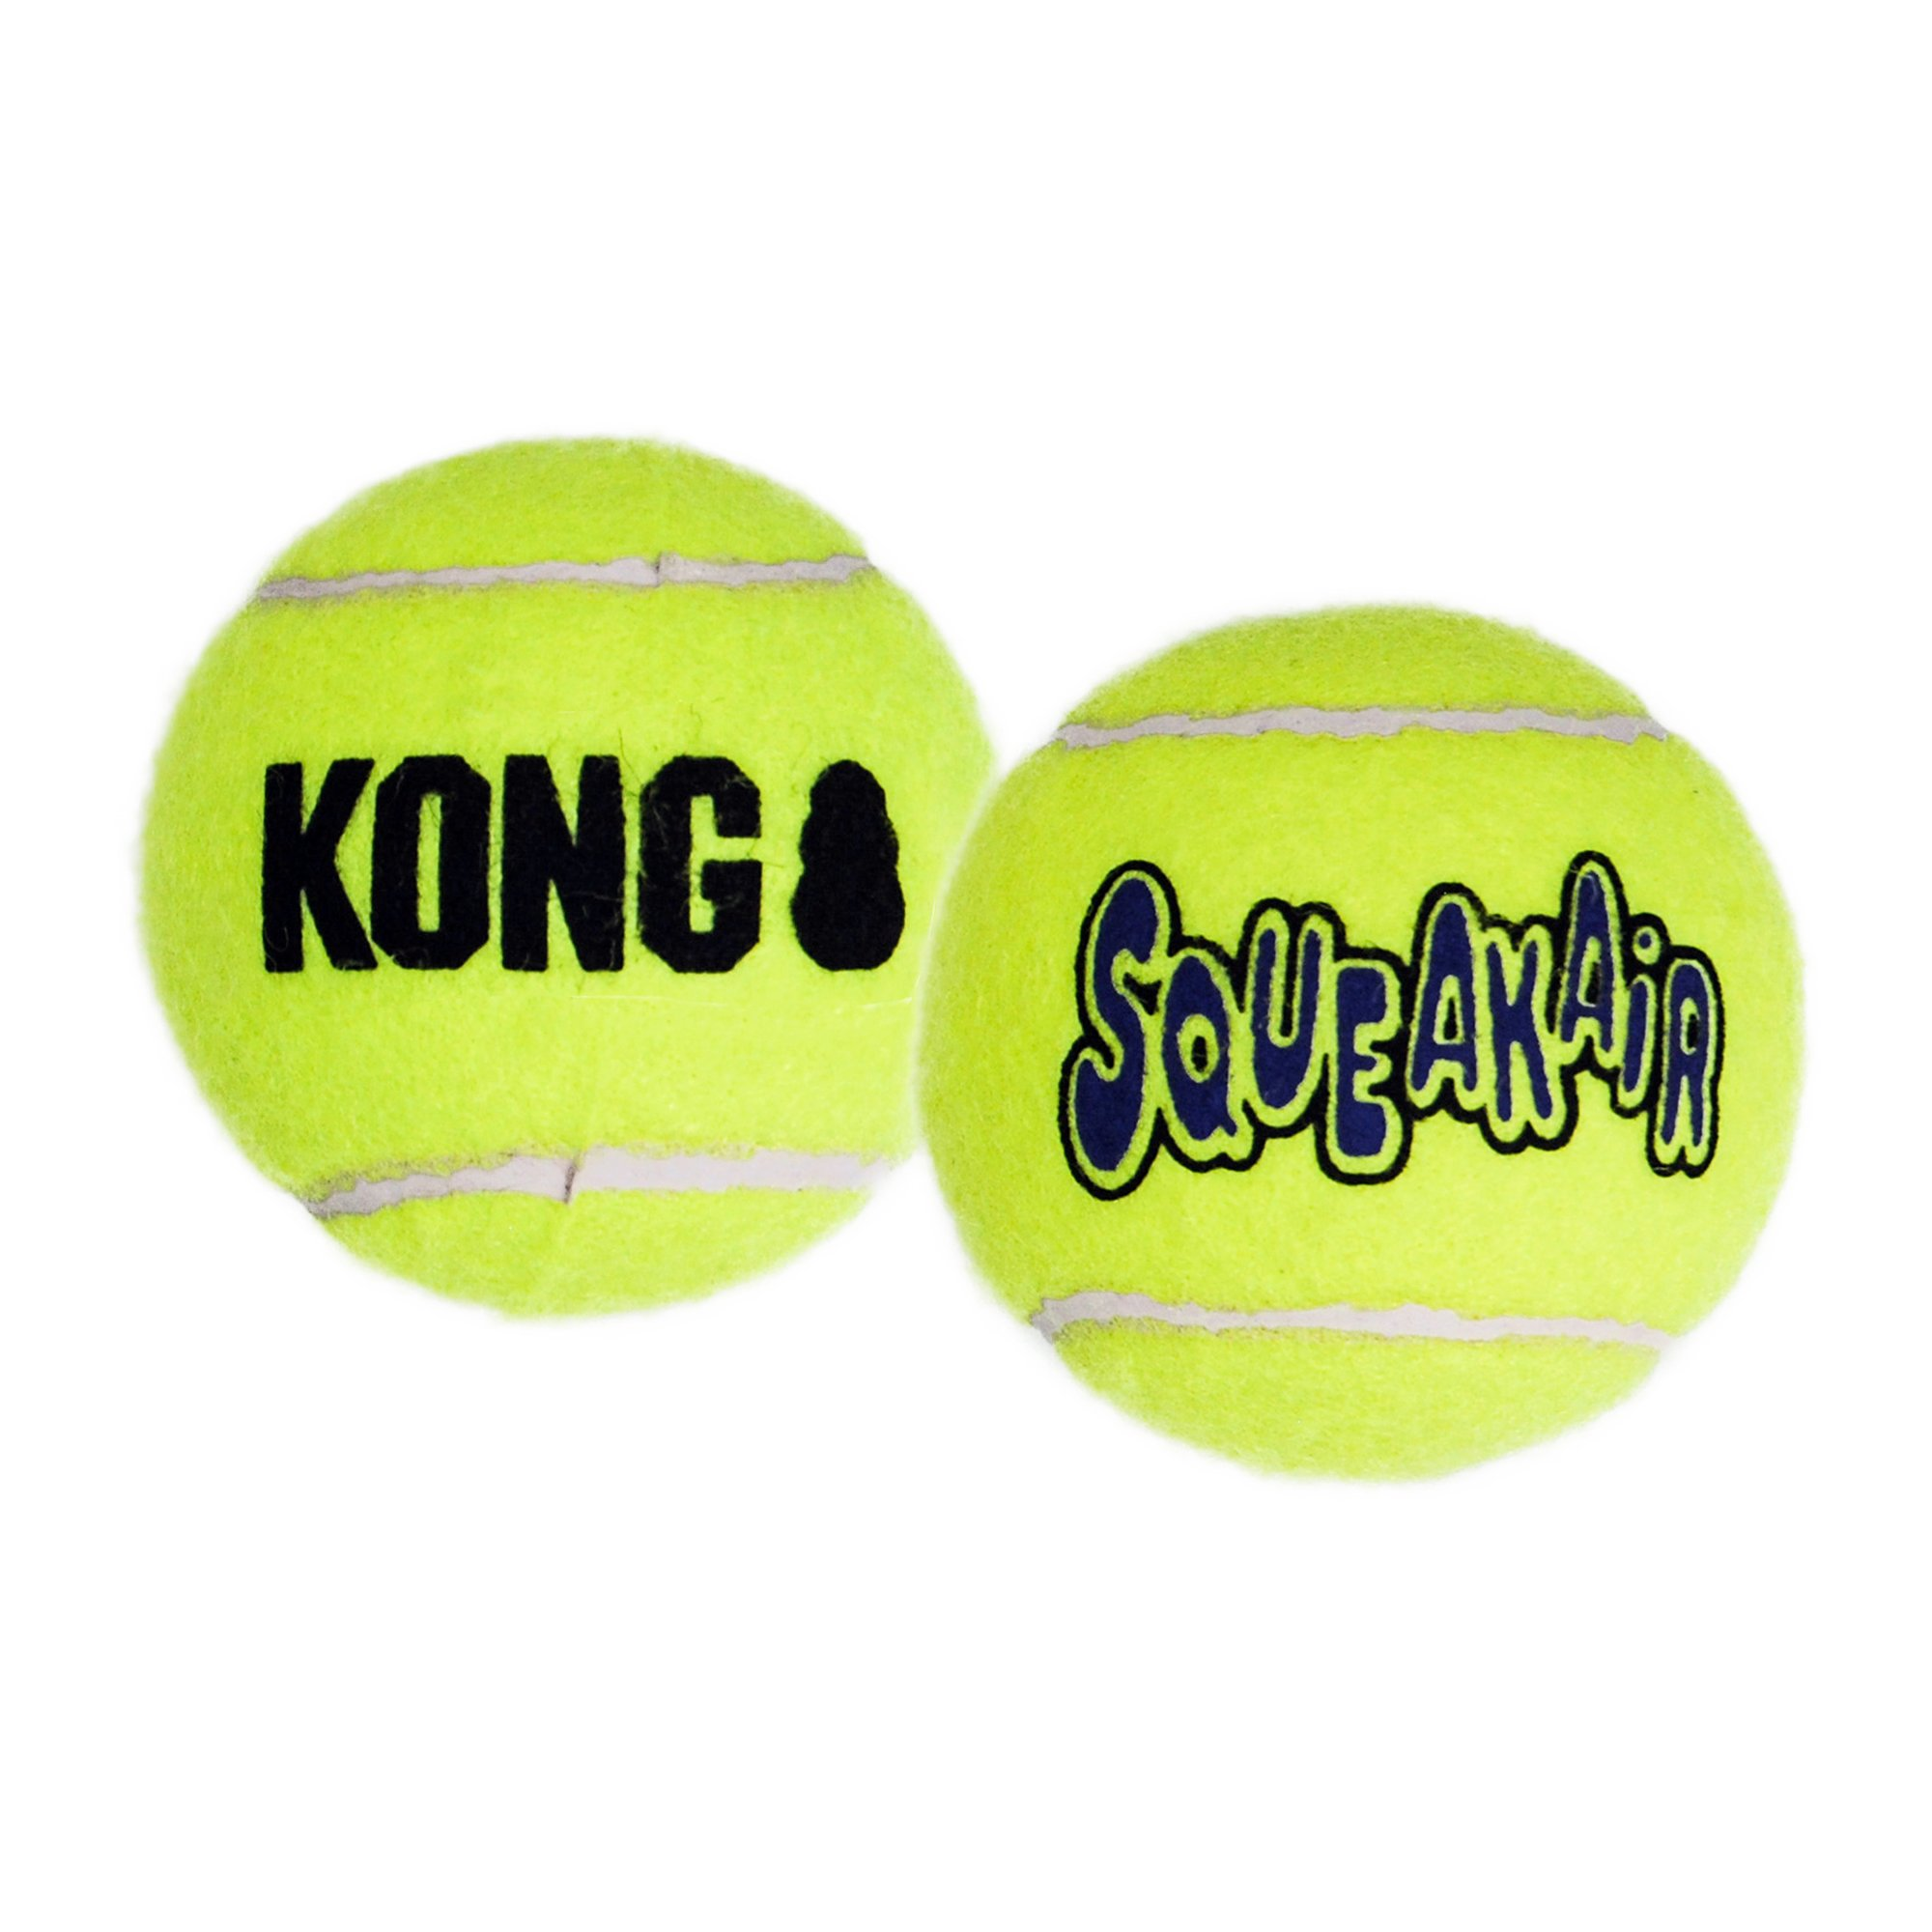 Kong Squeakair Tennis Balls Pack Of 3 Petco